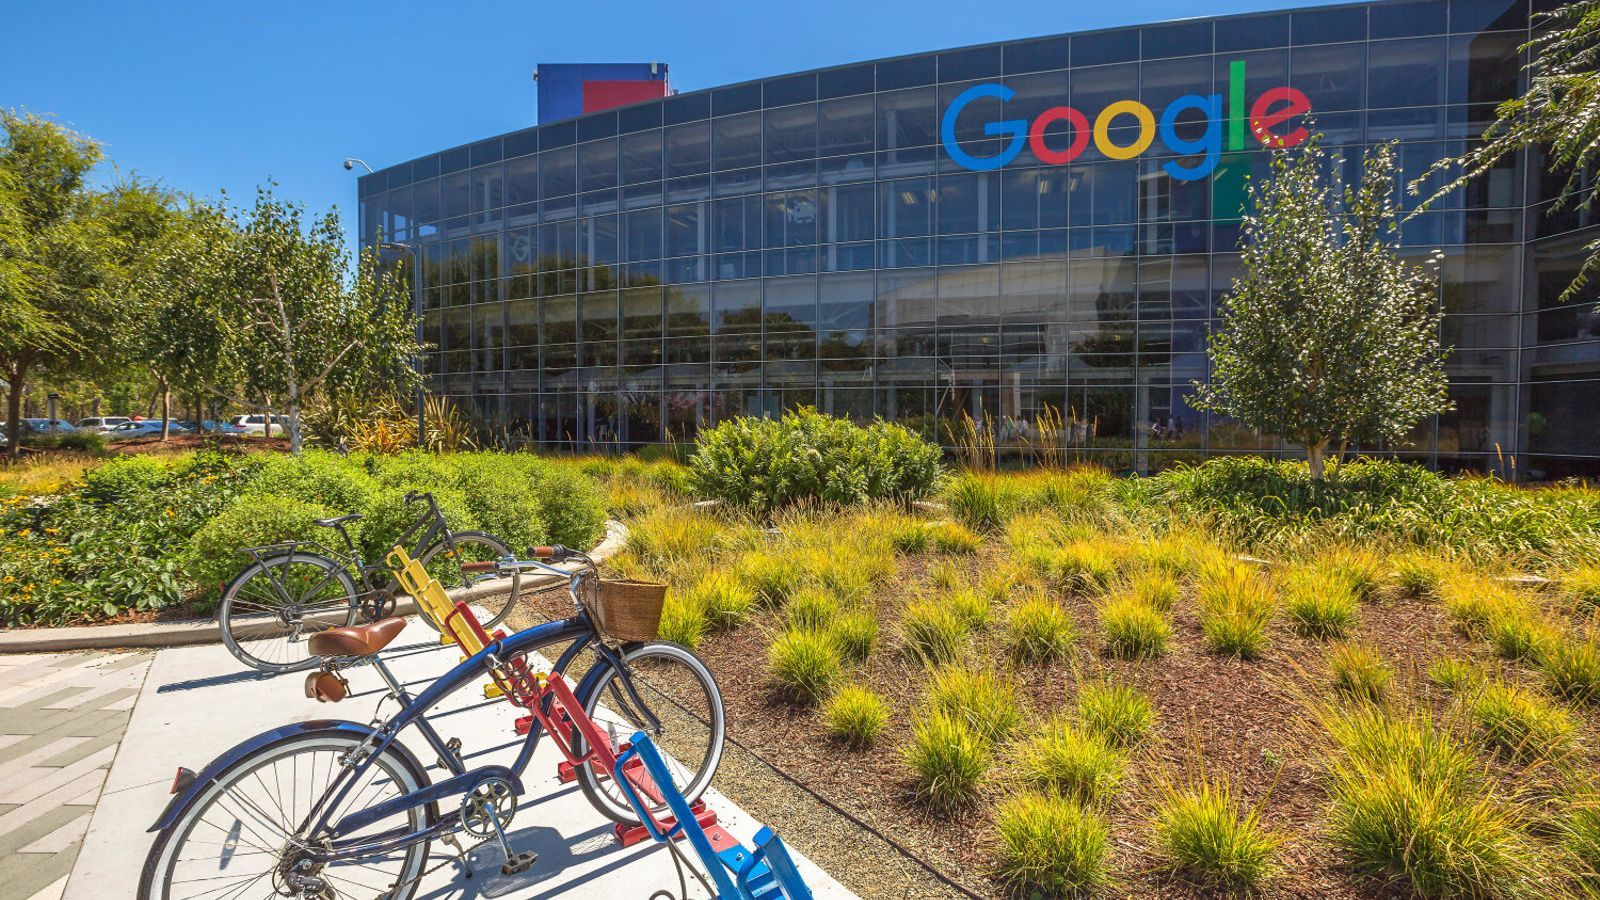 Imatge d'arxiu del Googleplex, la seu de Google a Mountain View, Califòrnia.